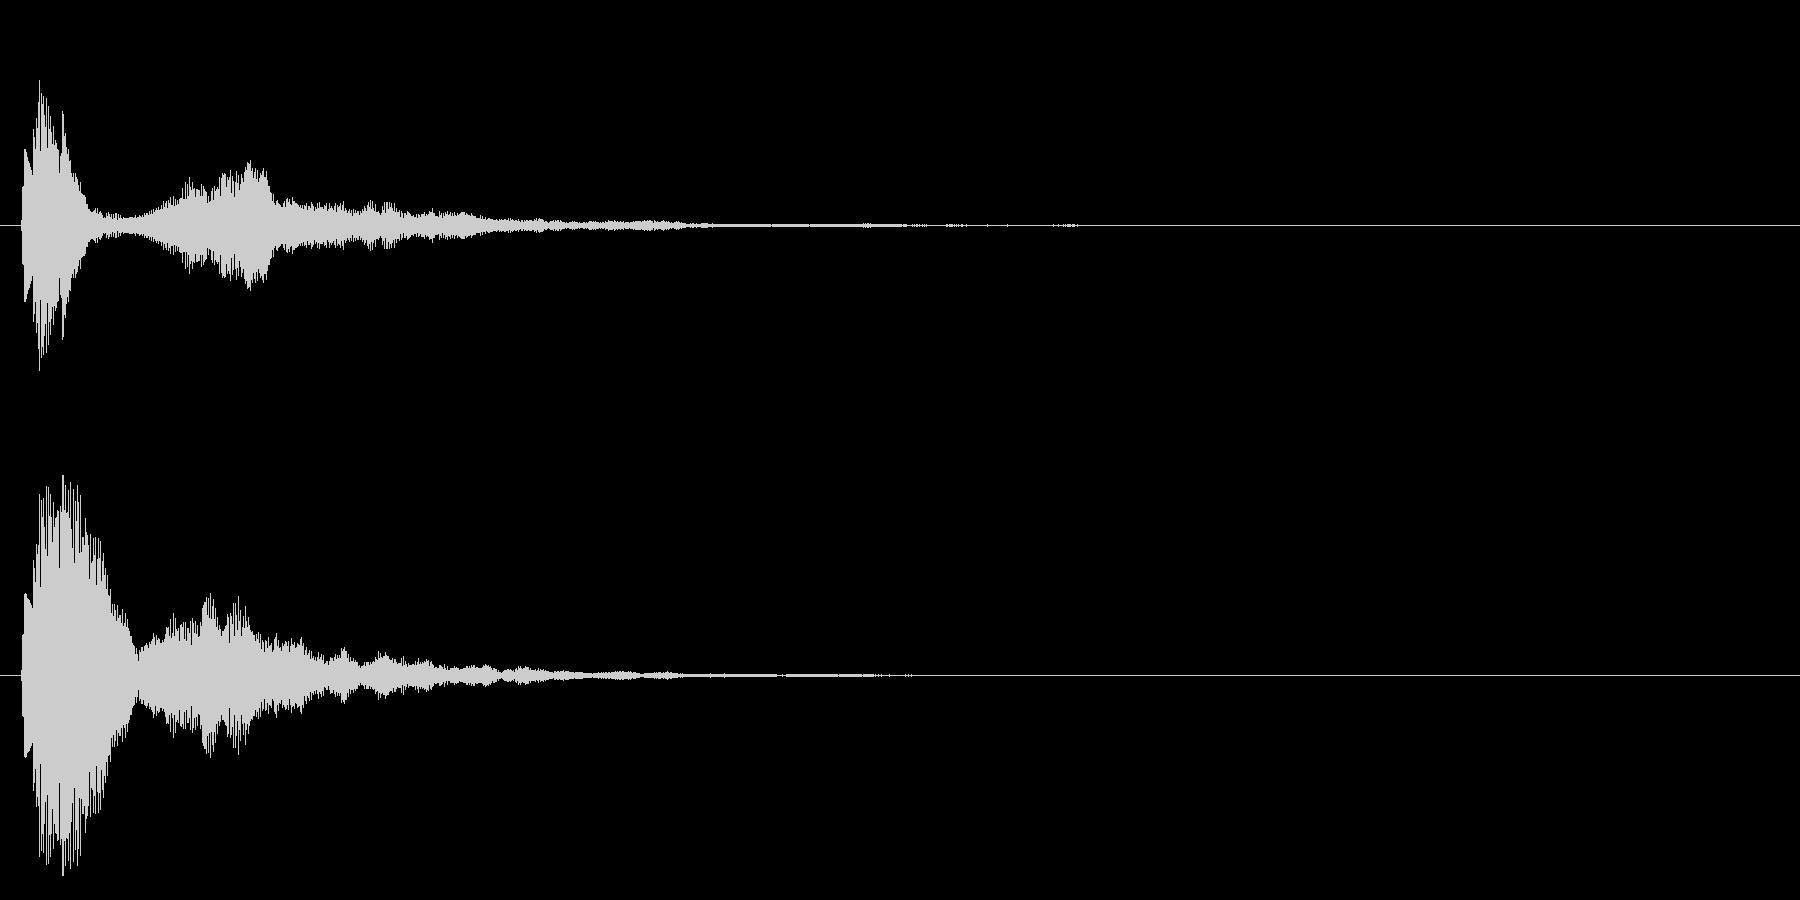 チュピン、ポワン、発見、アイテムゲットの未再生の波形